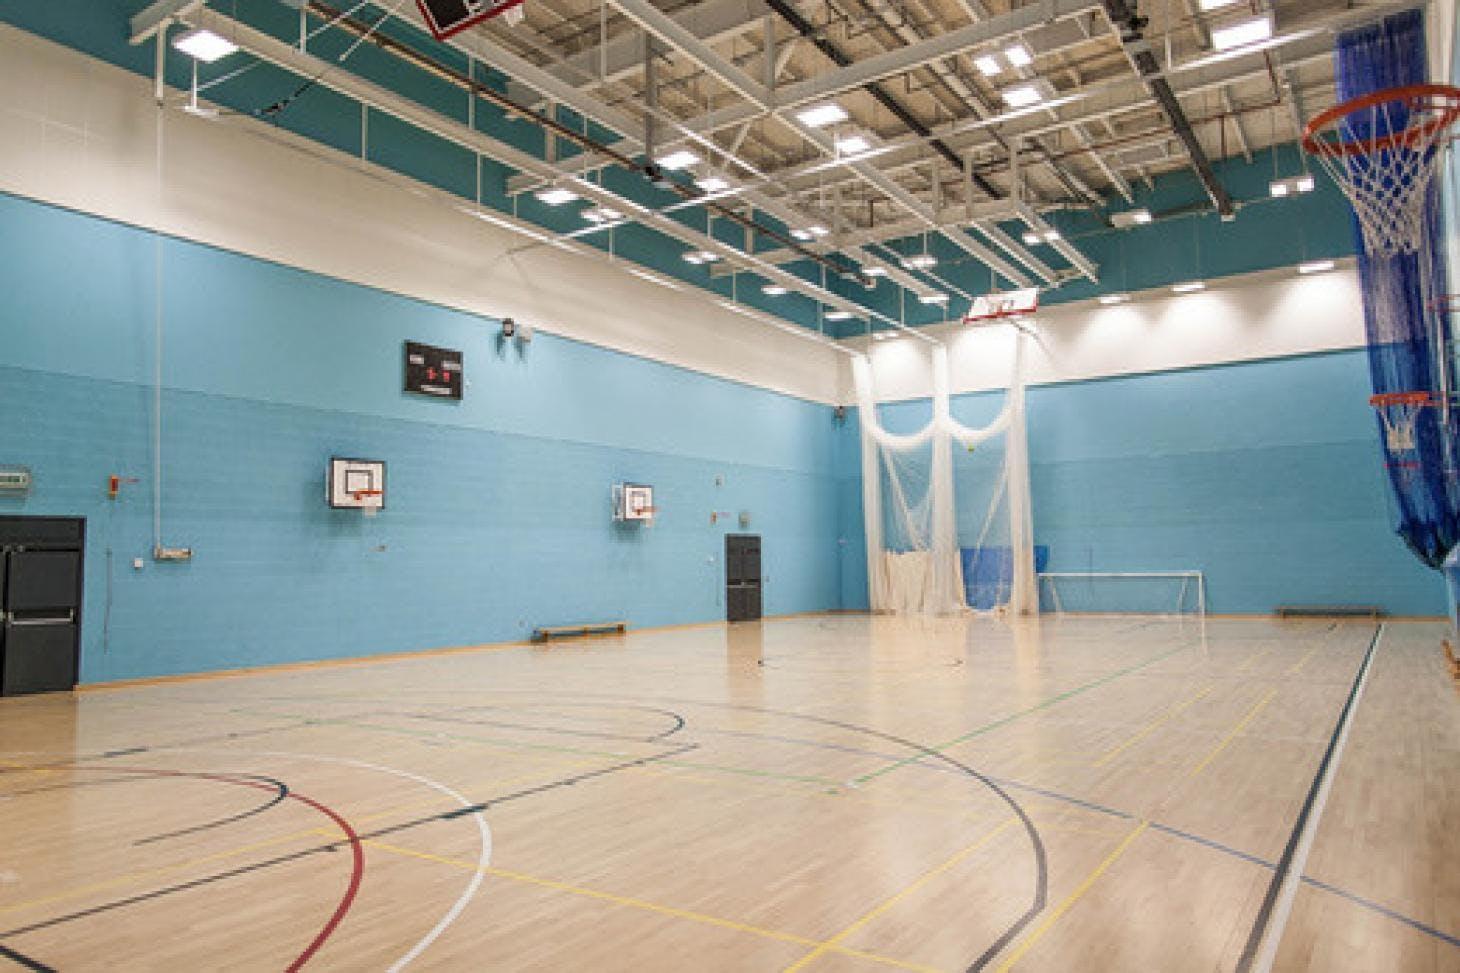 Droylsden Academy Indoor netball court